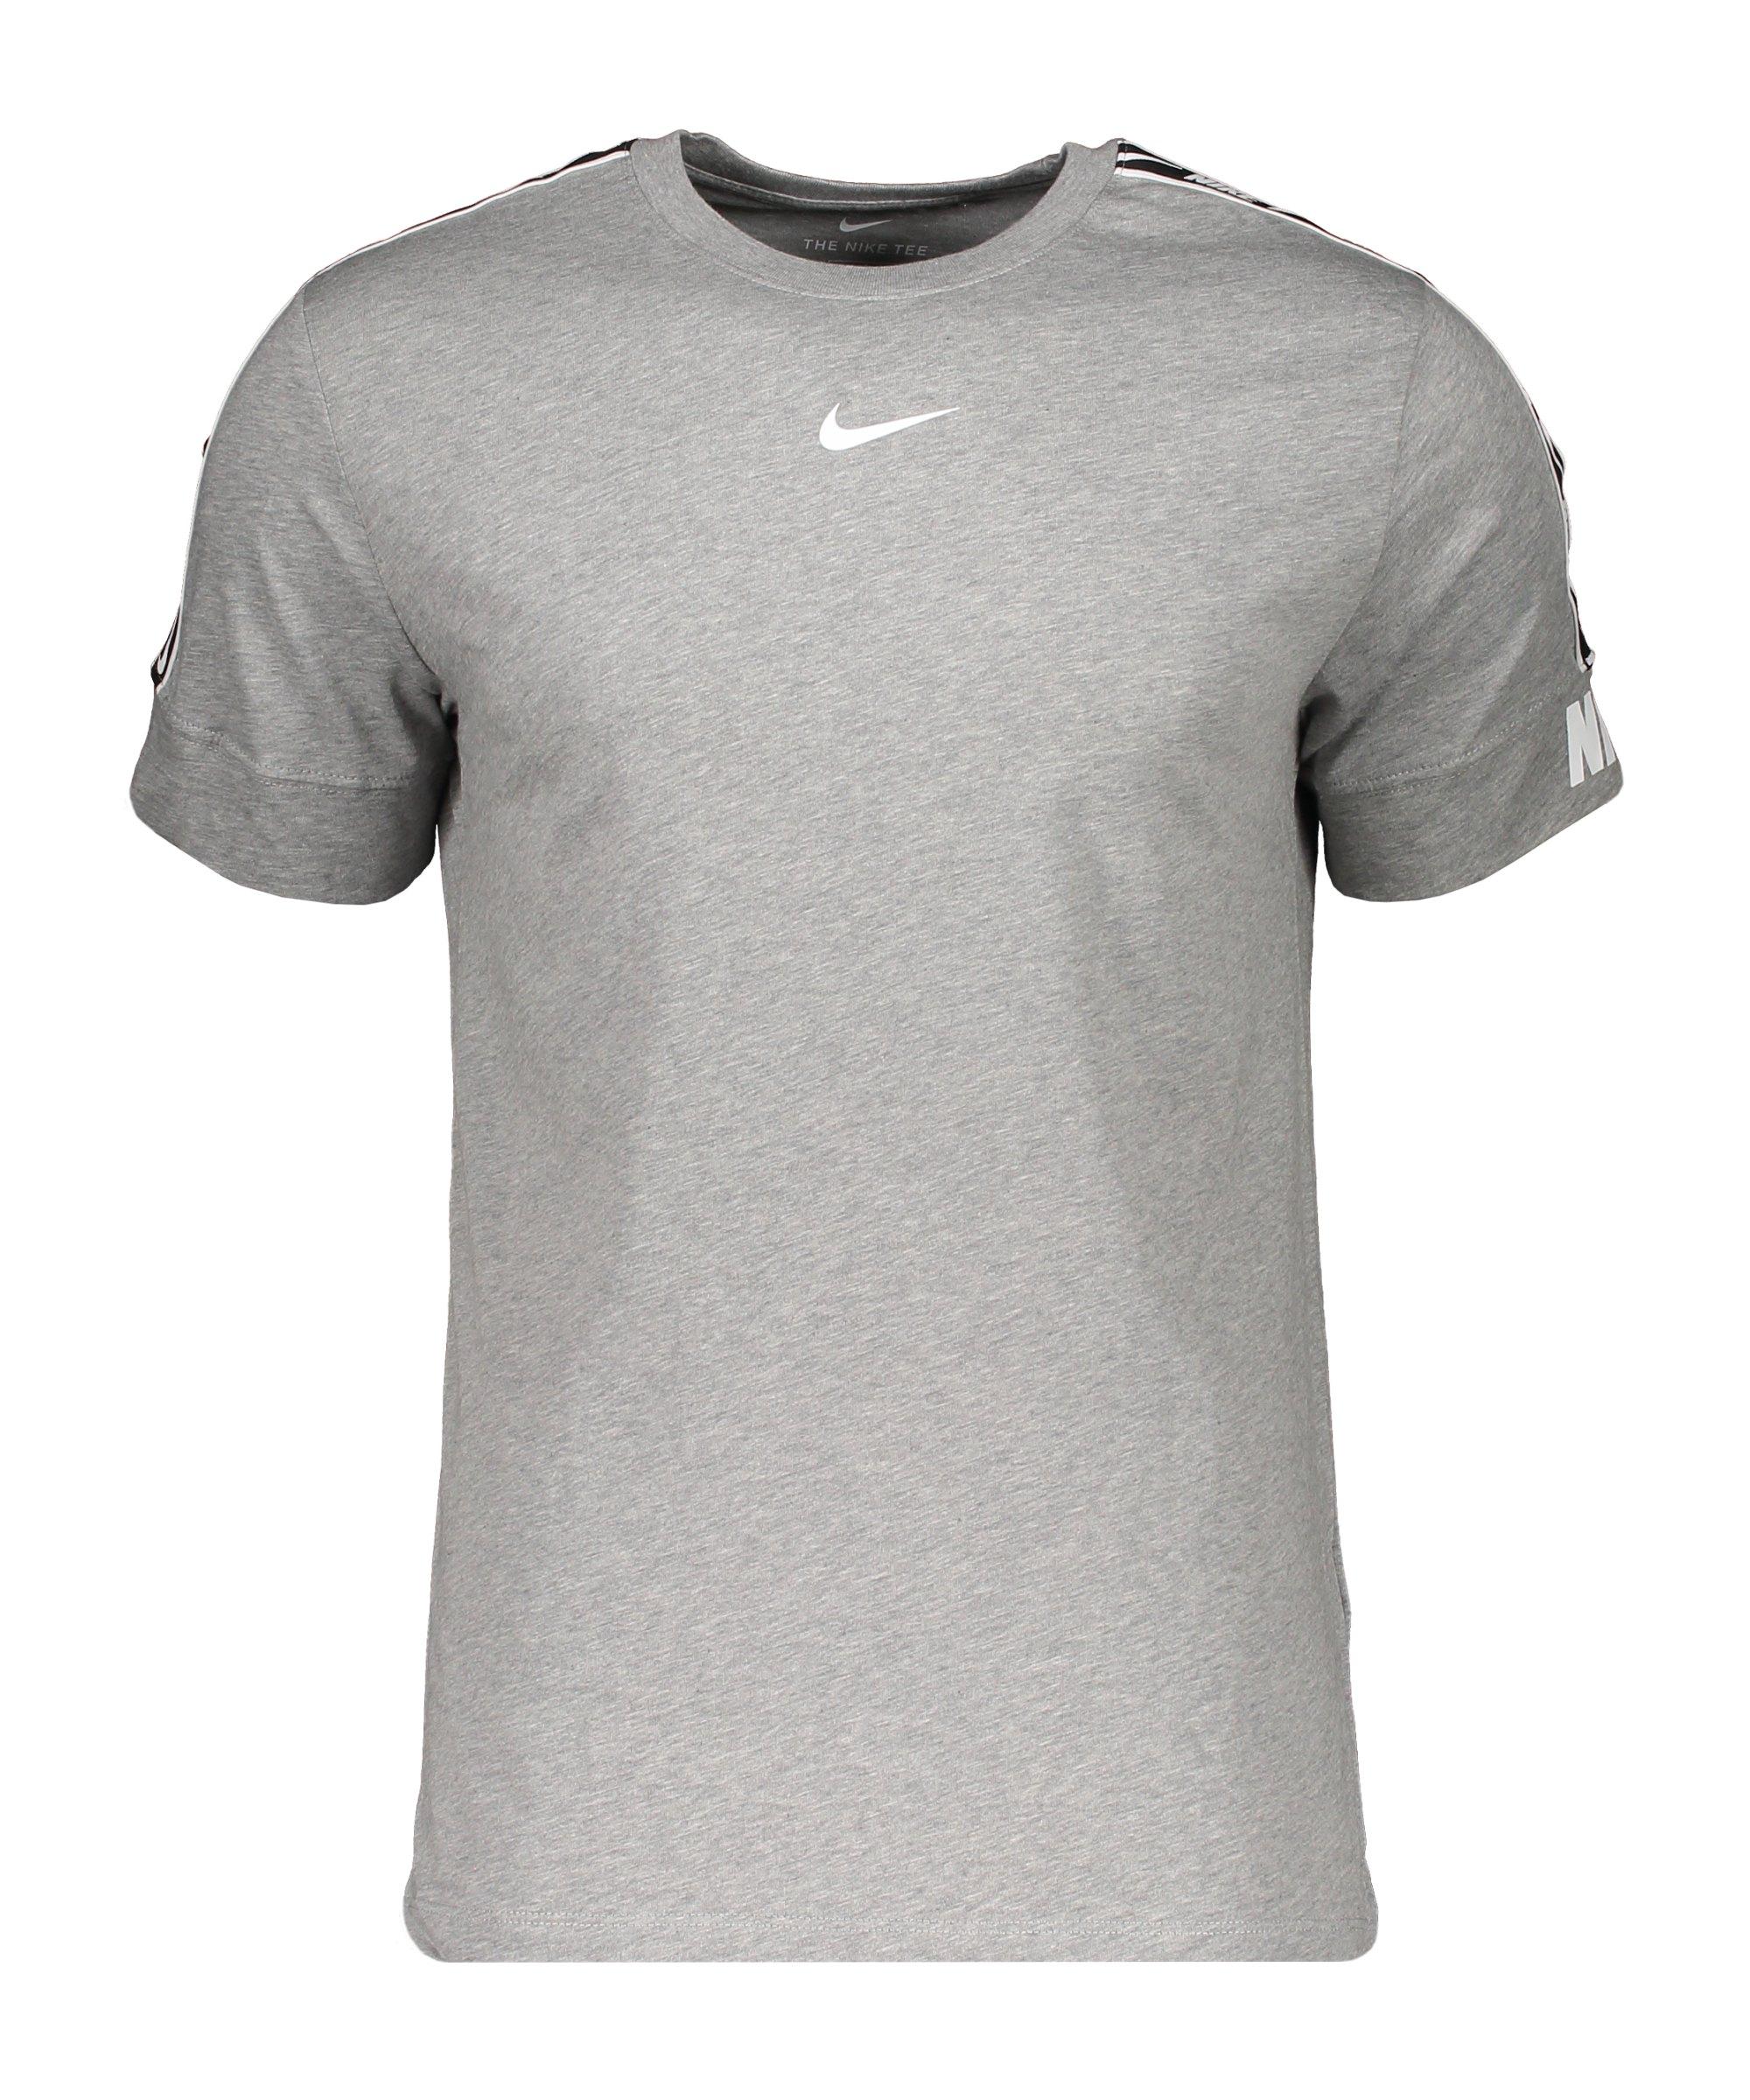 Nike Repeat T-Shirt Grau F063 - grau